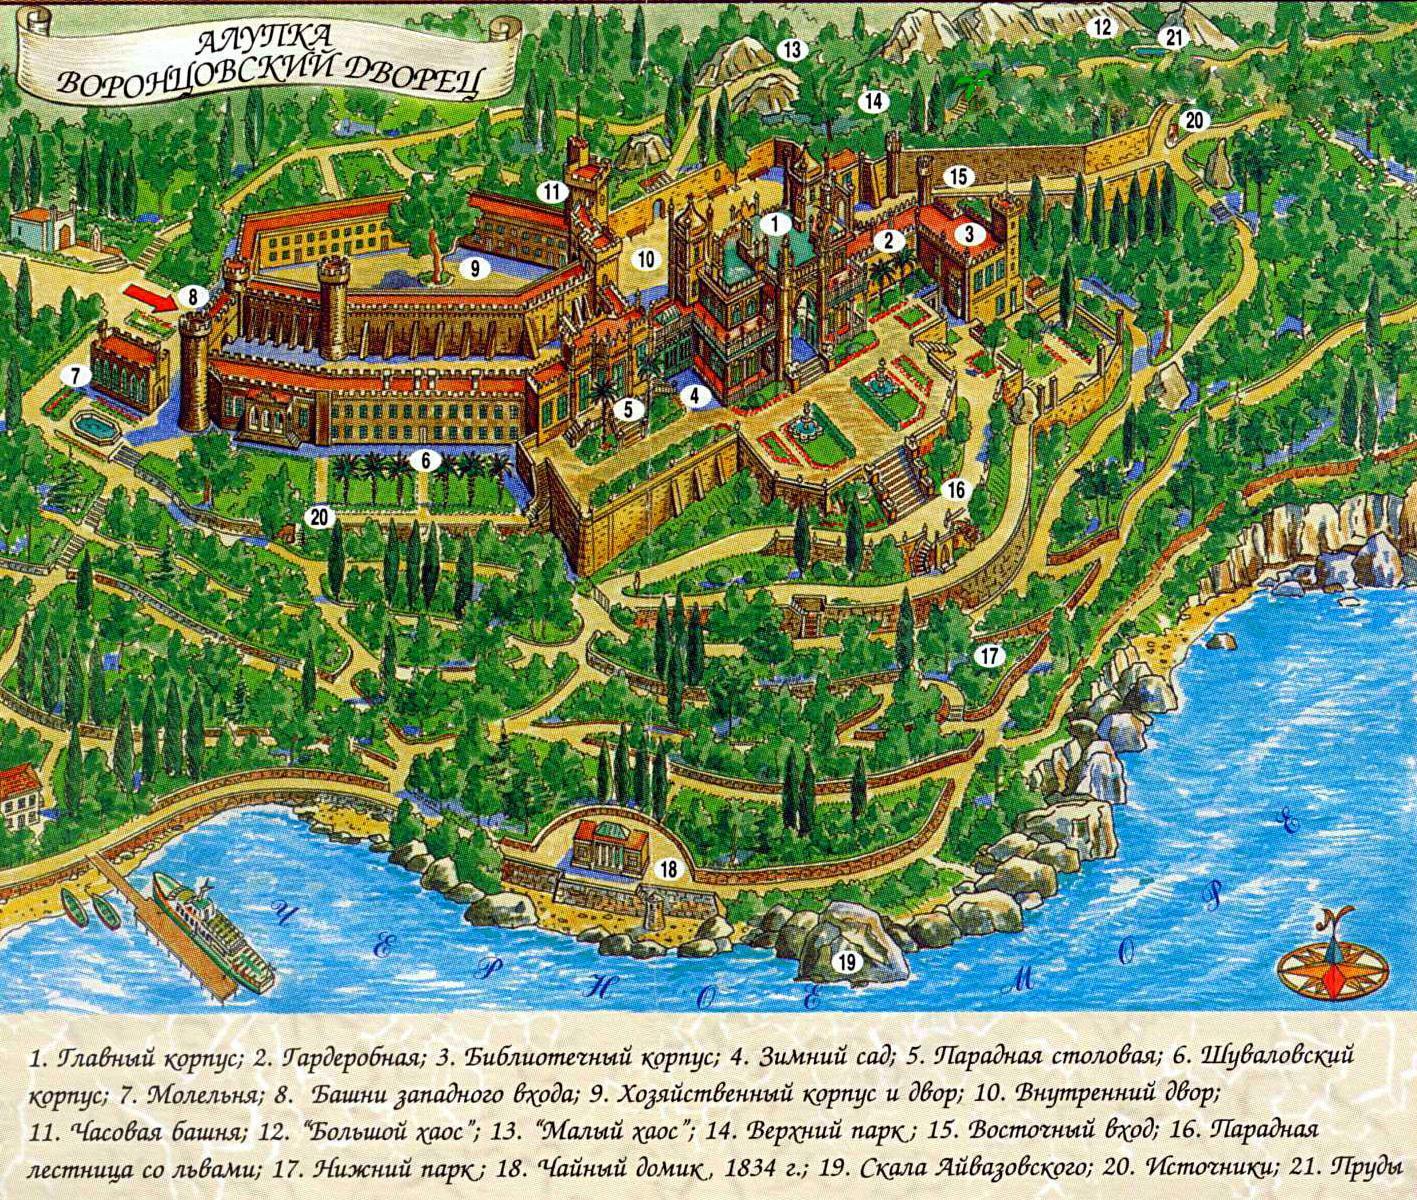 Воронцовский дворец, карта